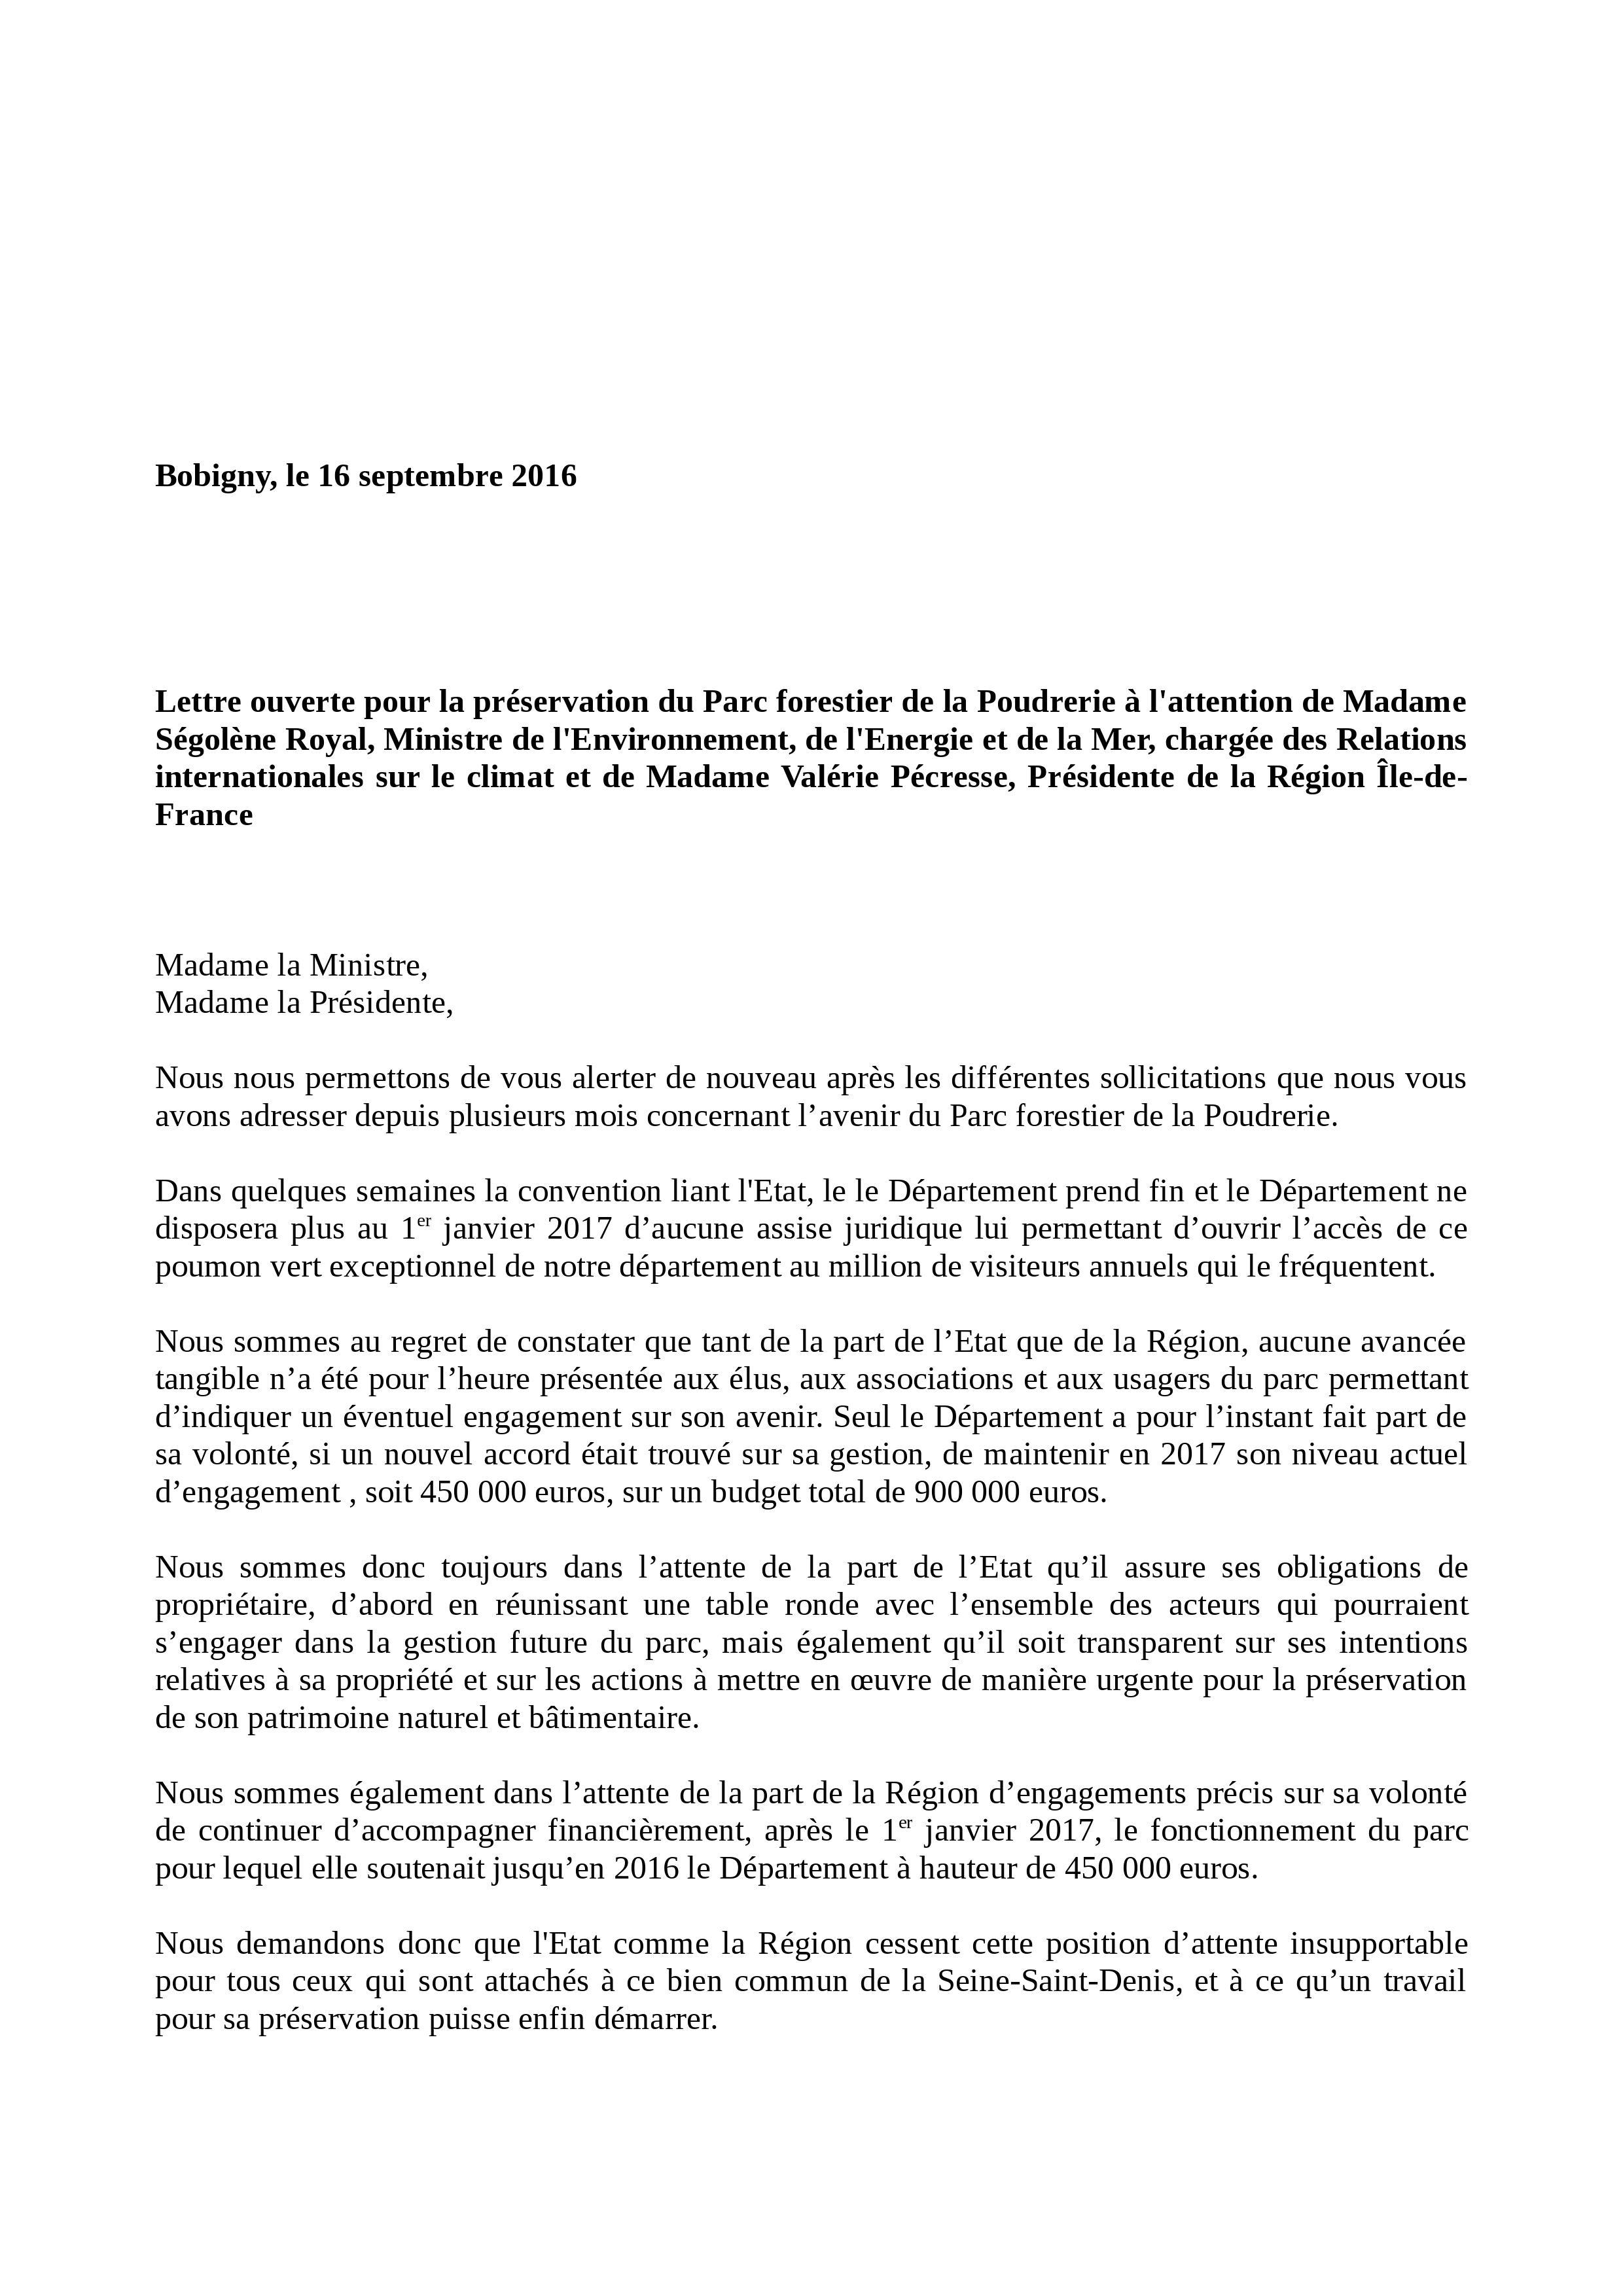 lettre-ouverte-pour-la-preservation-du-parc-forestier-de-la-poudrerie-1